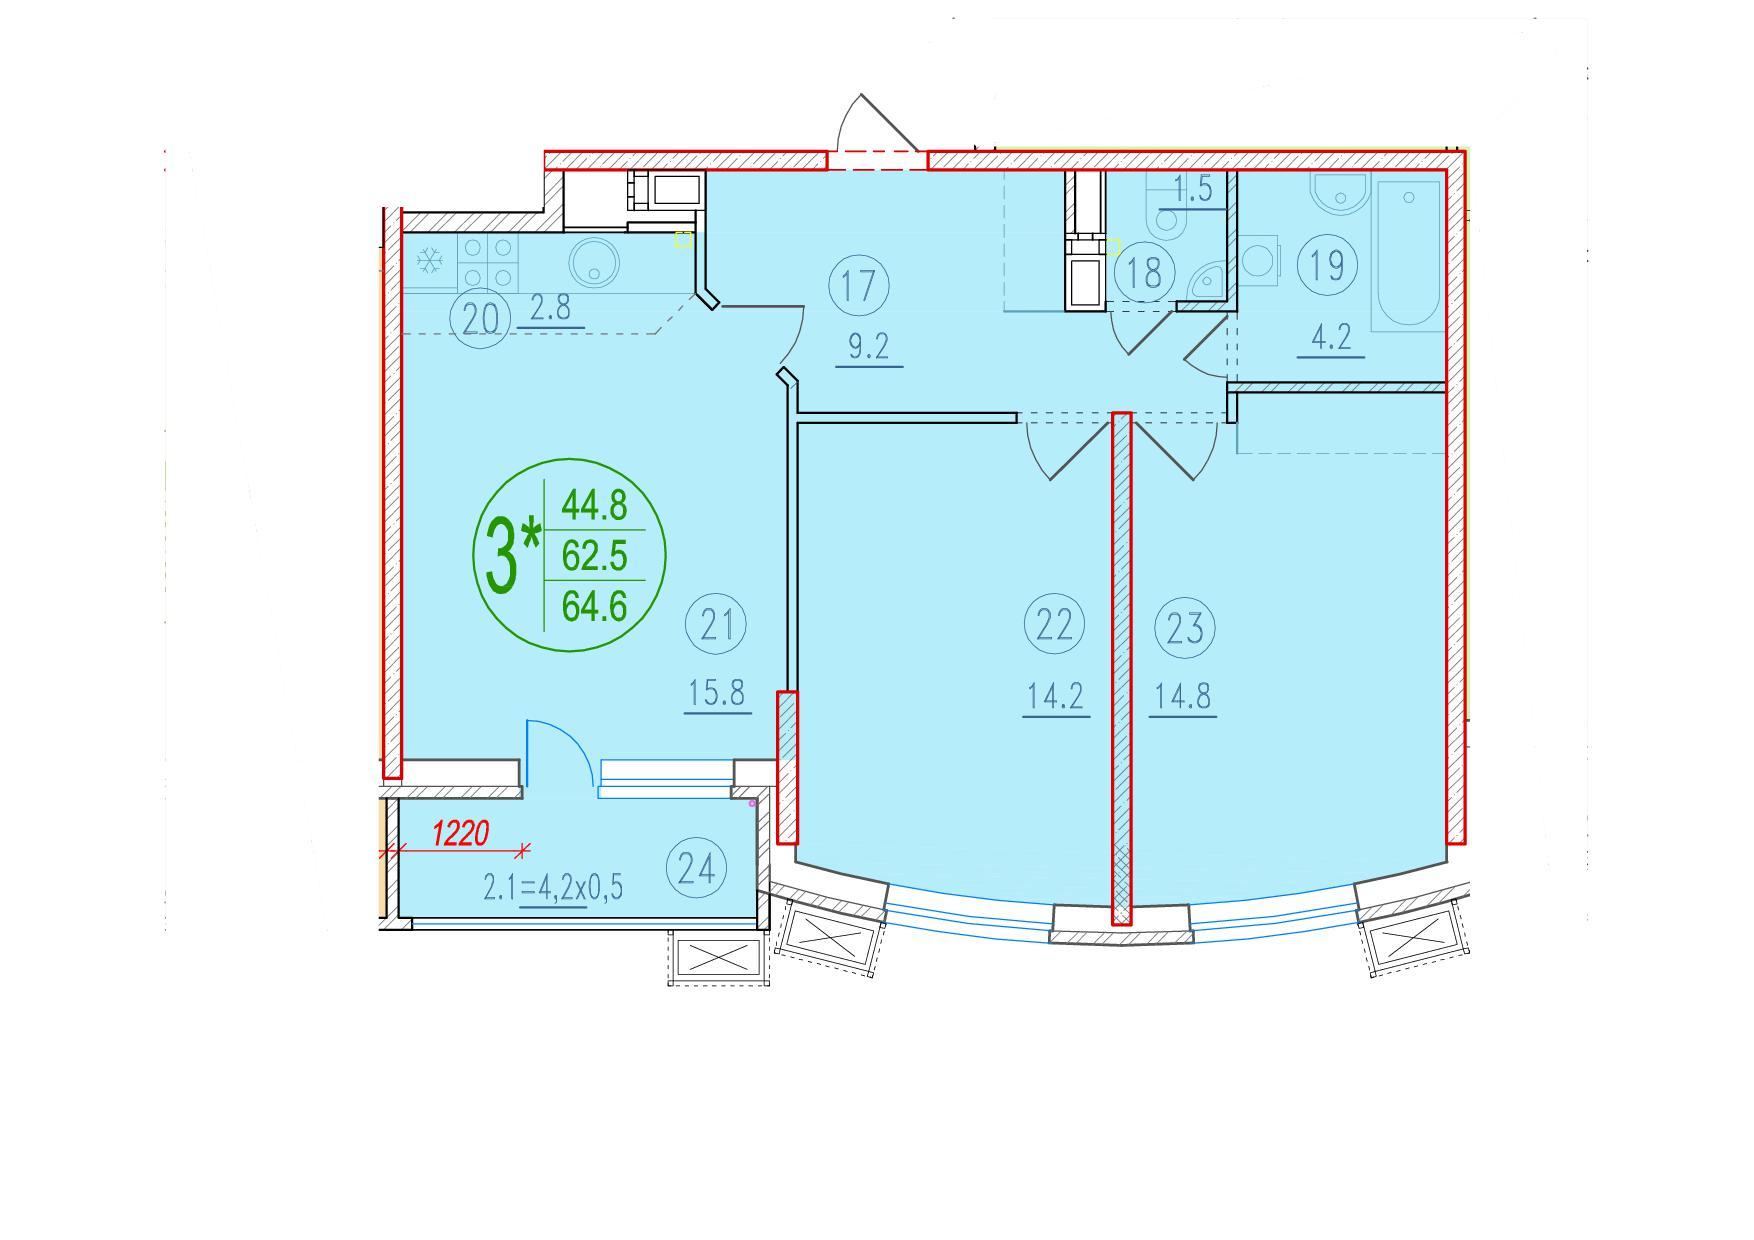 3-комнатная смарт 64.6<span>м<sup>2</sup></span>